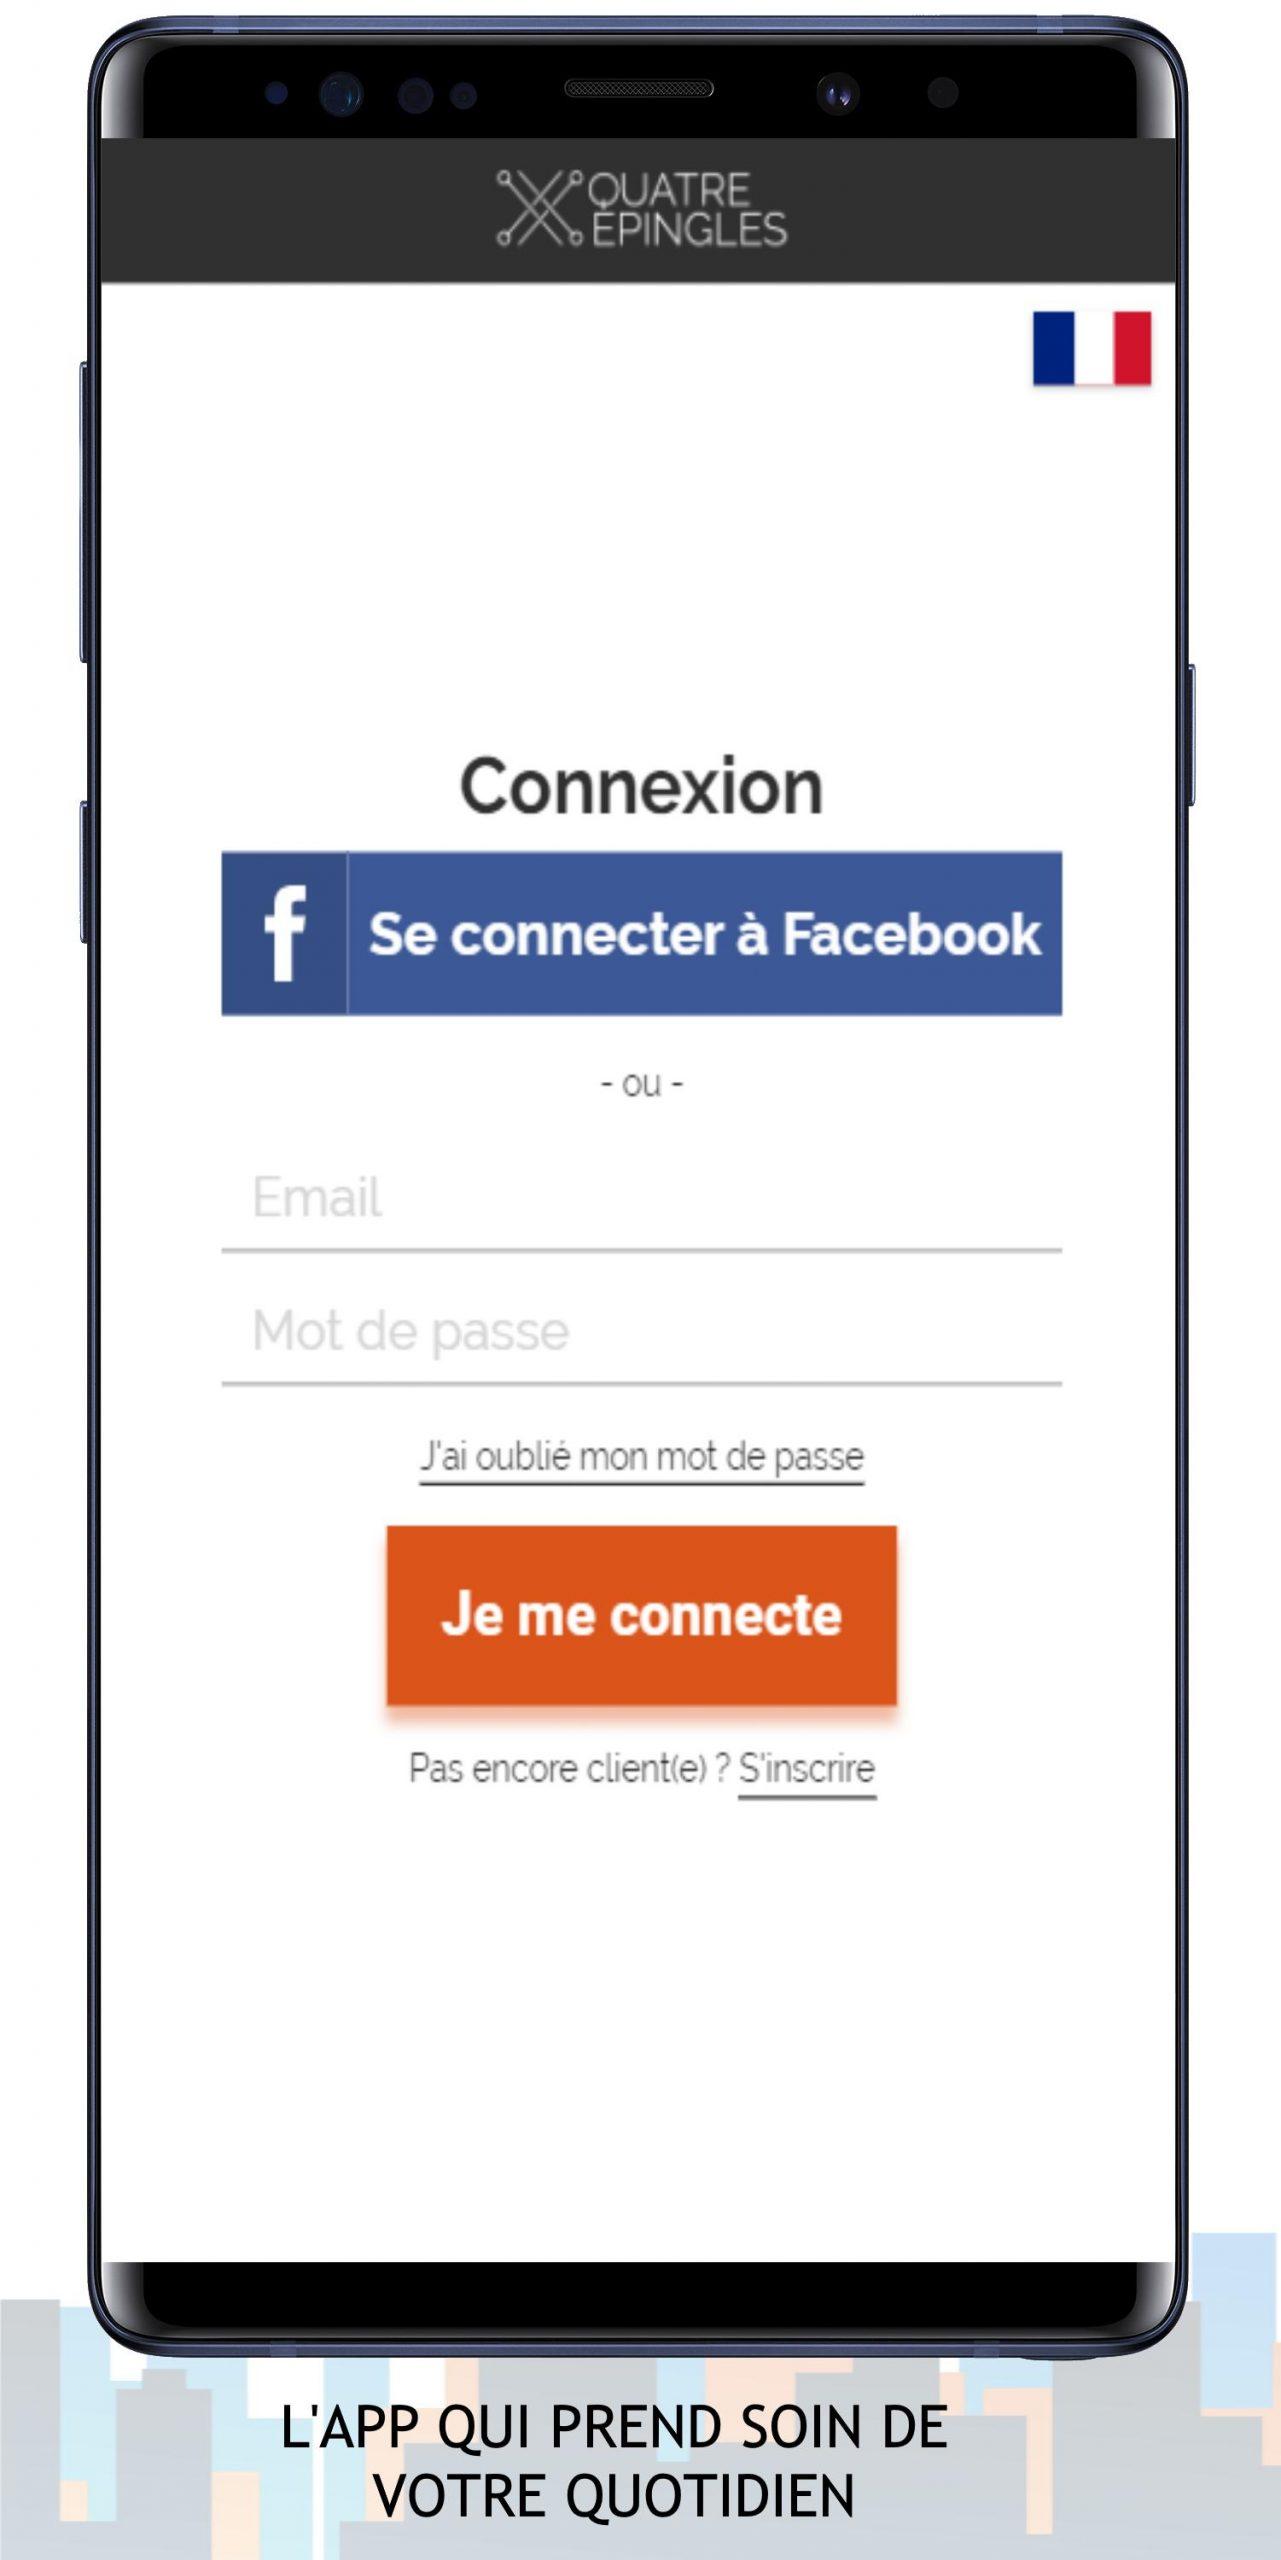 Quatre Epingles For Android - Apk Download tout Quatres Image Un Mot